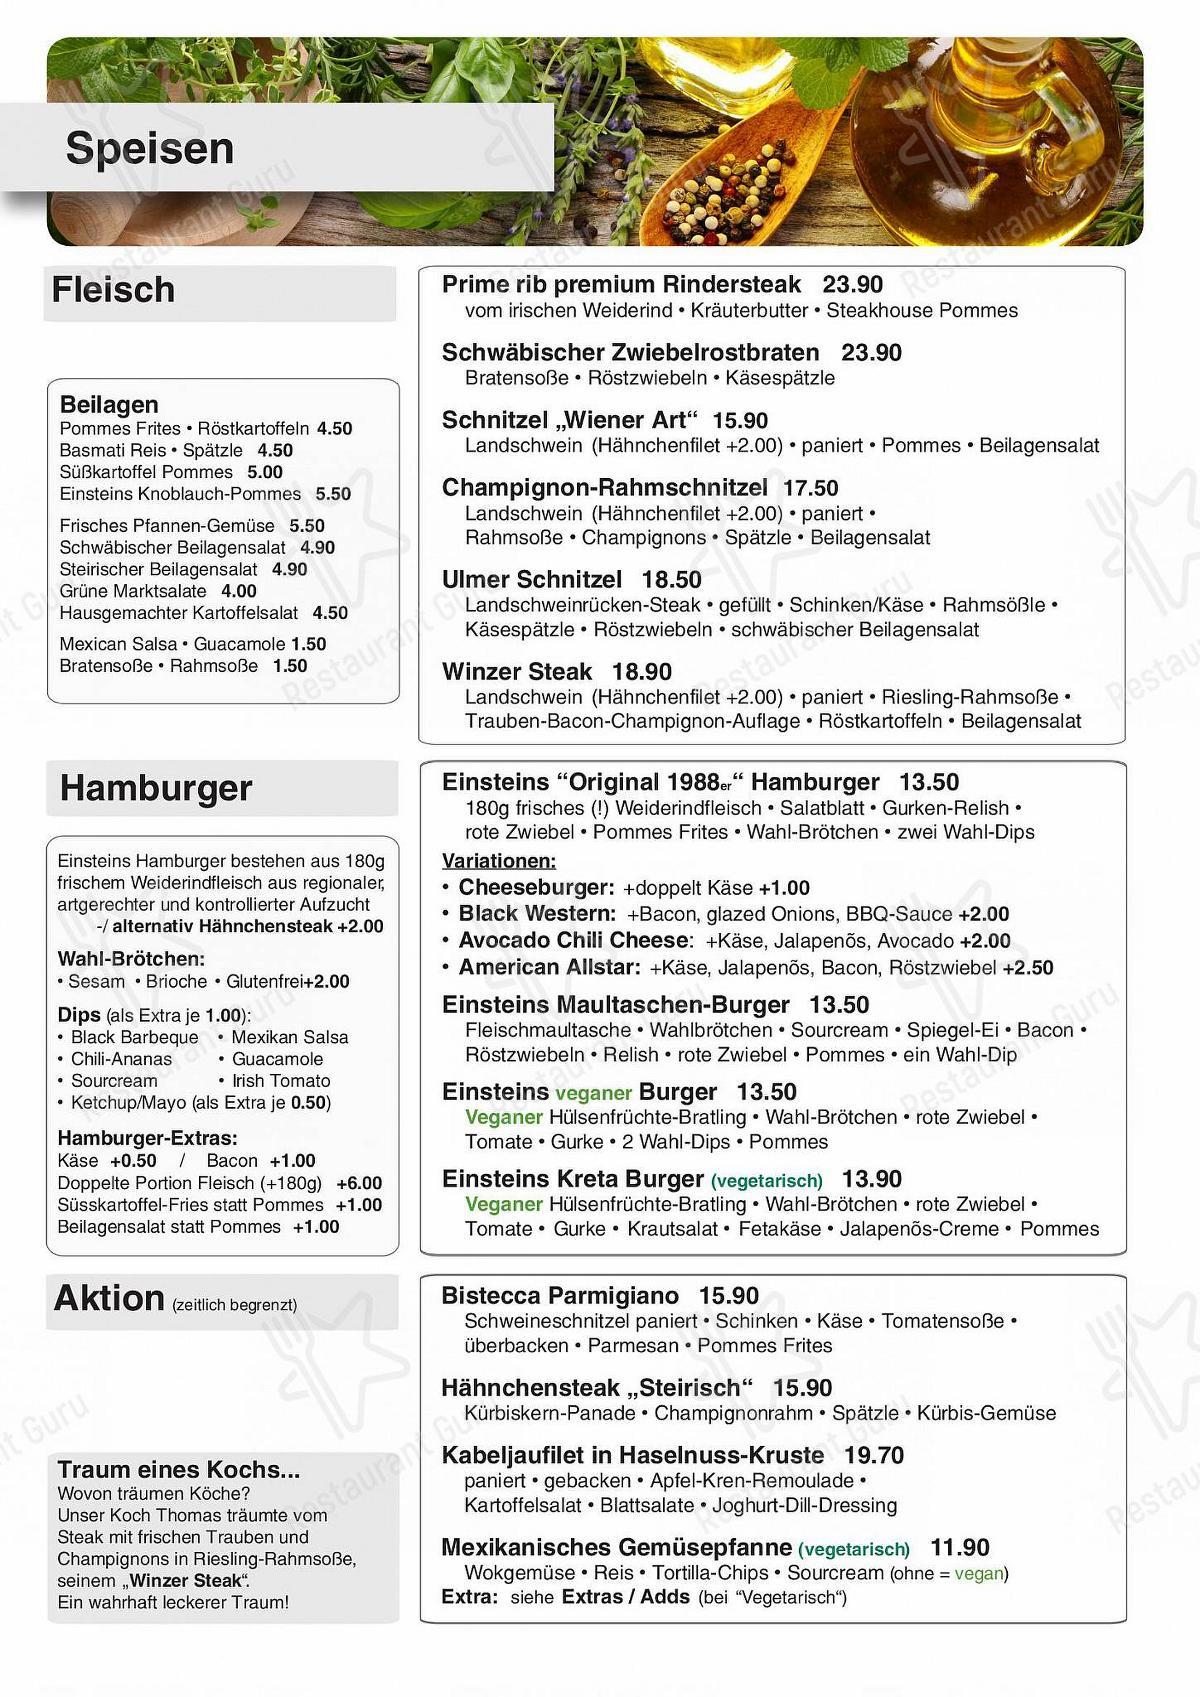 Speisekarte von Café Einstein pub & bar